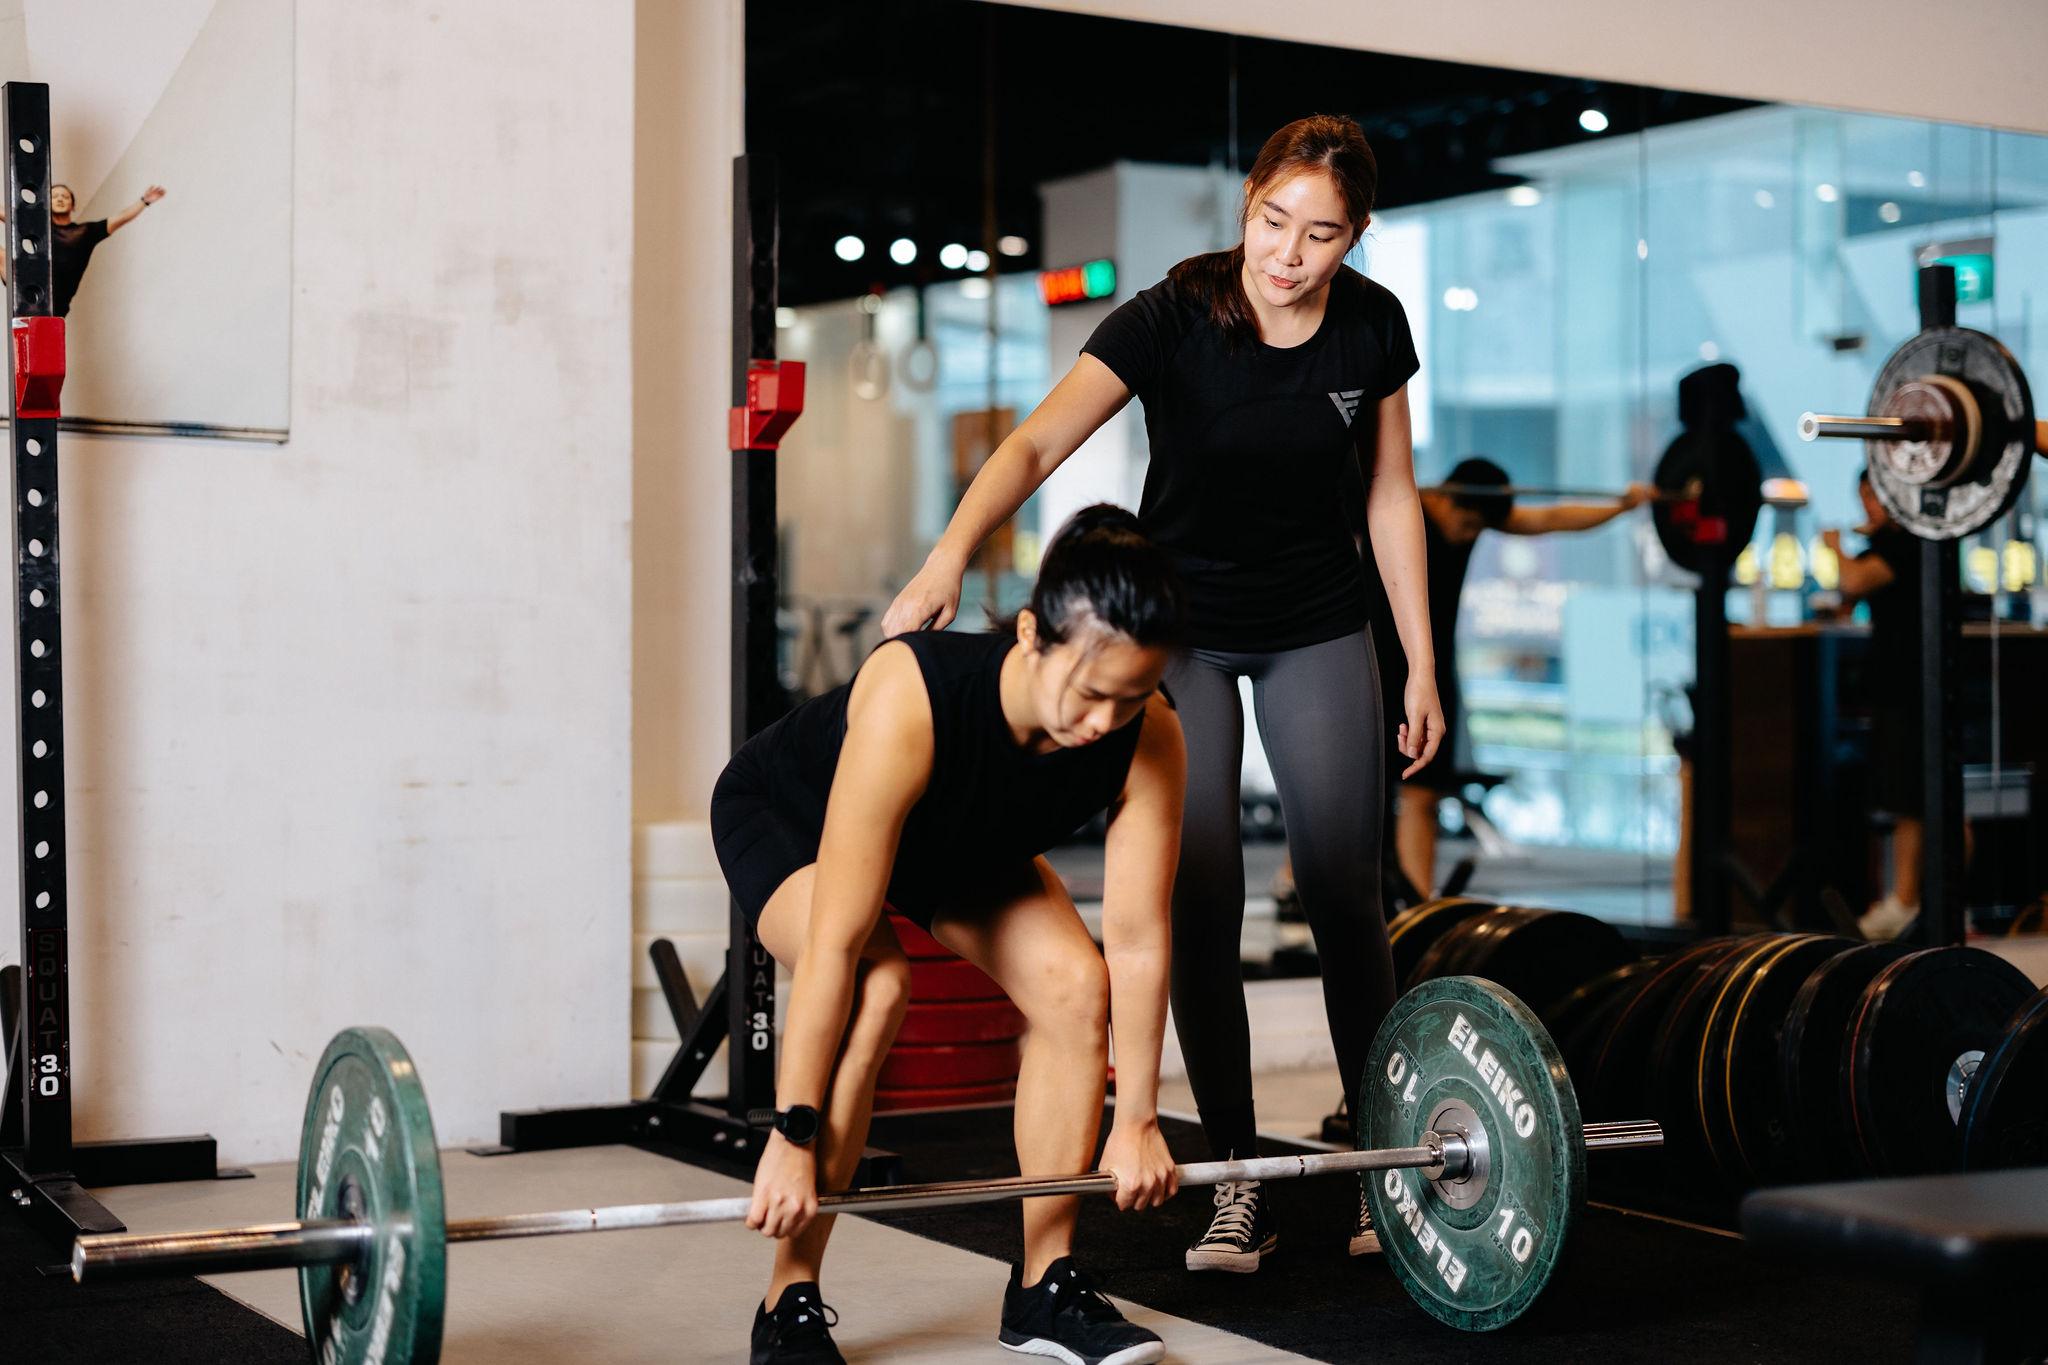 Why Women Lift: Krystle